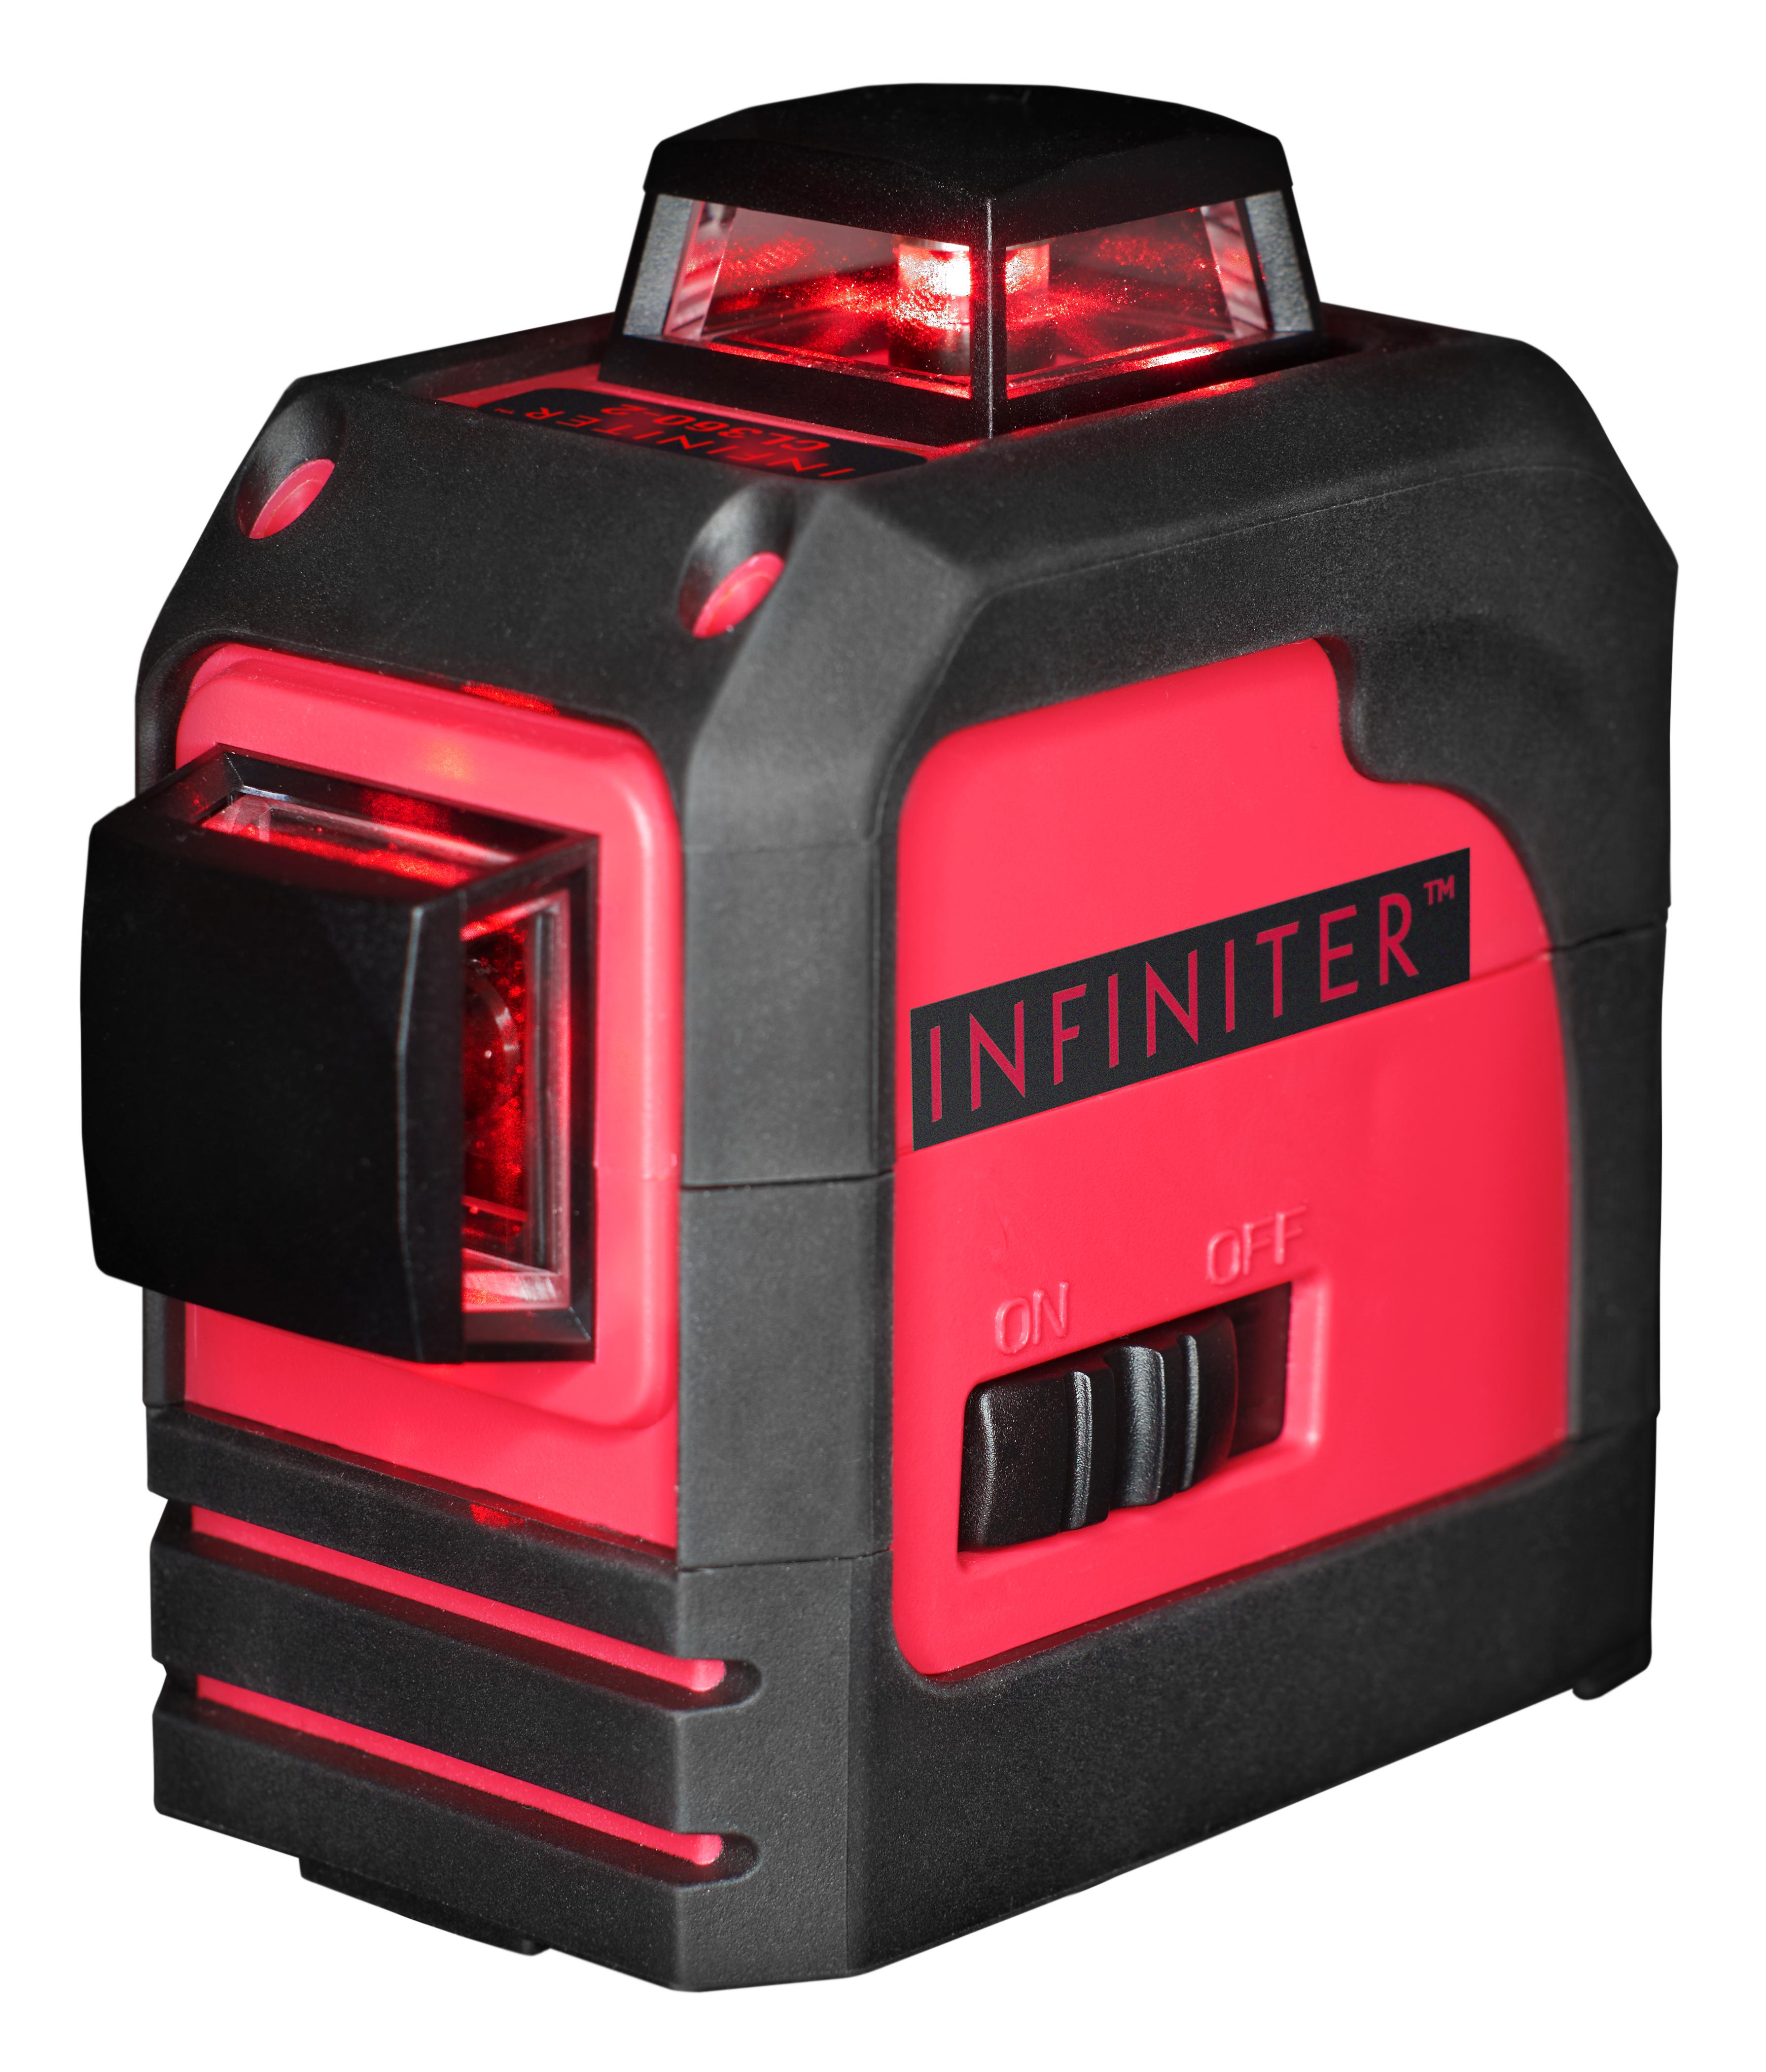 Уровень Infiniter Cl360-2